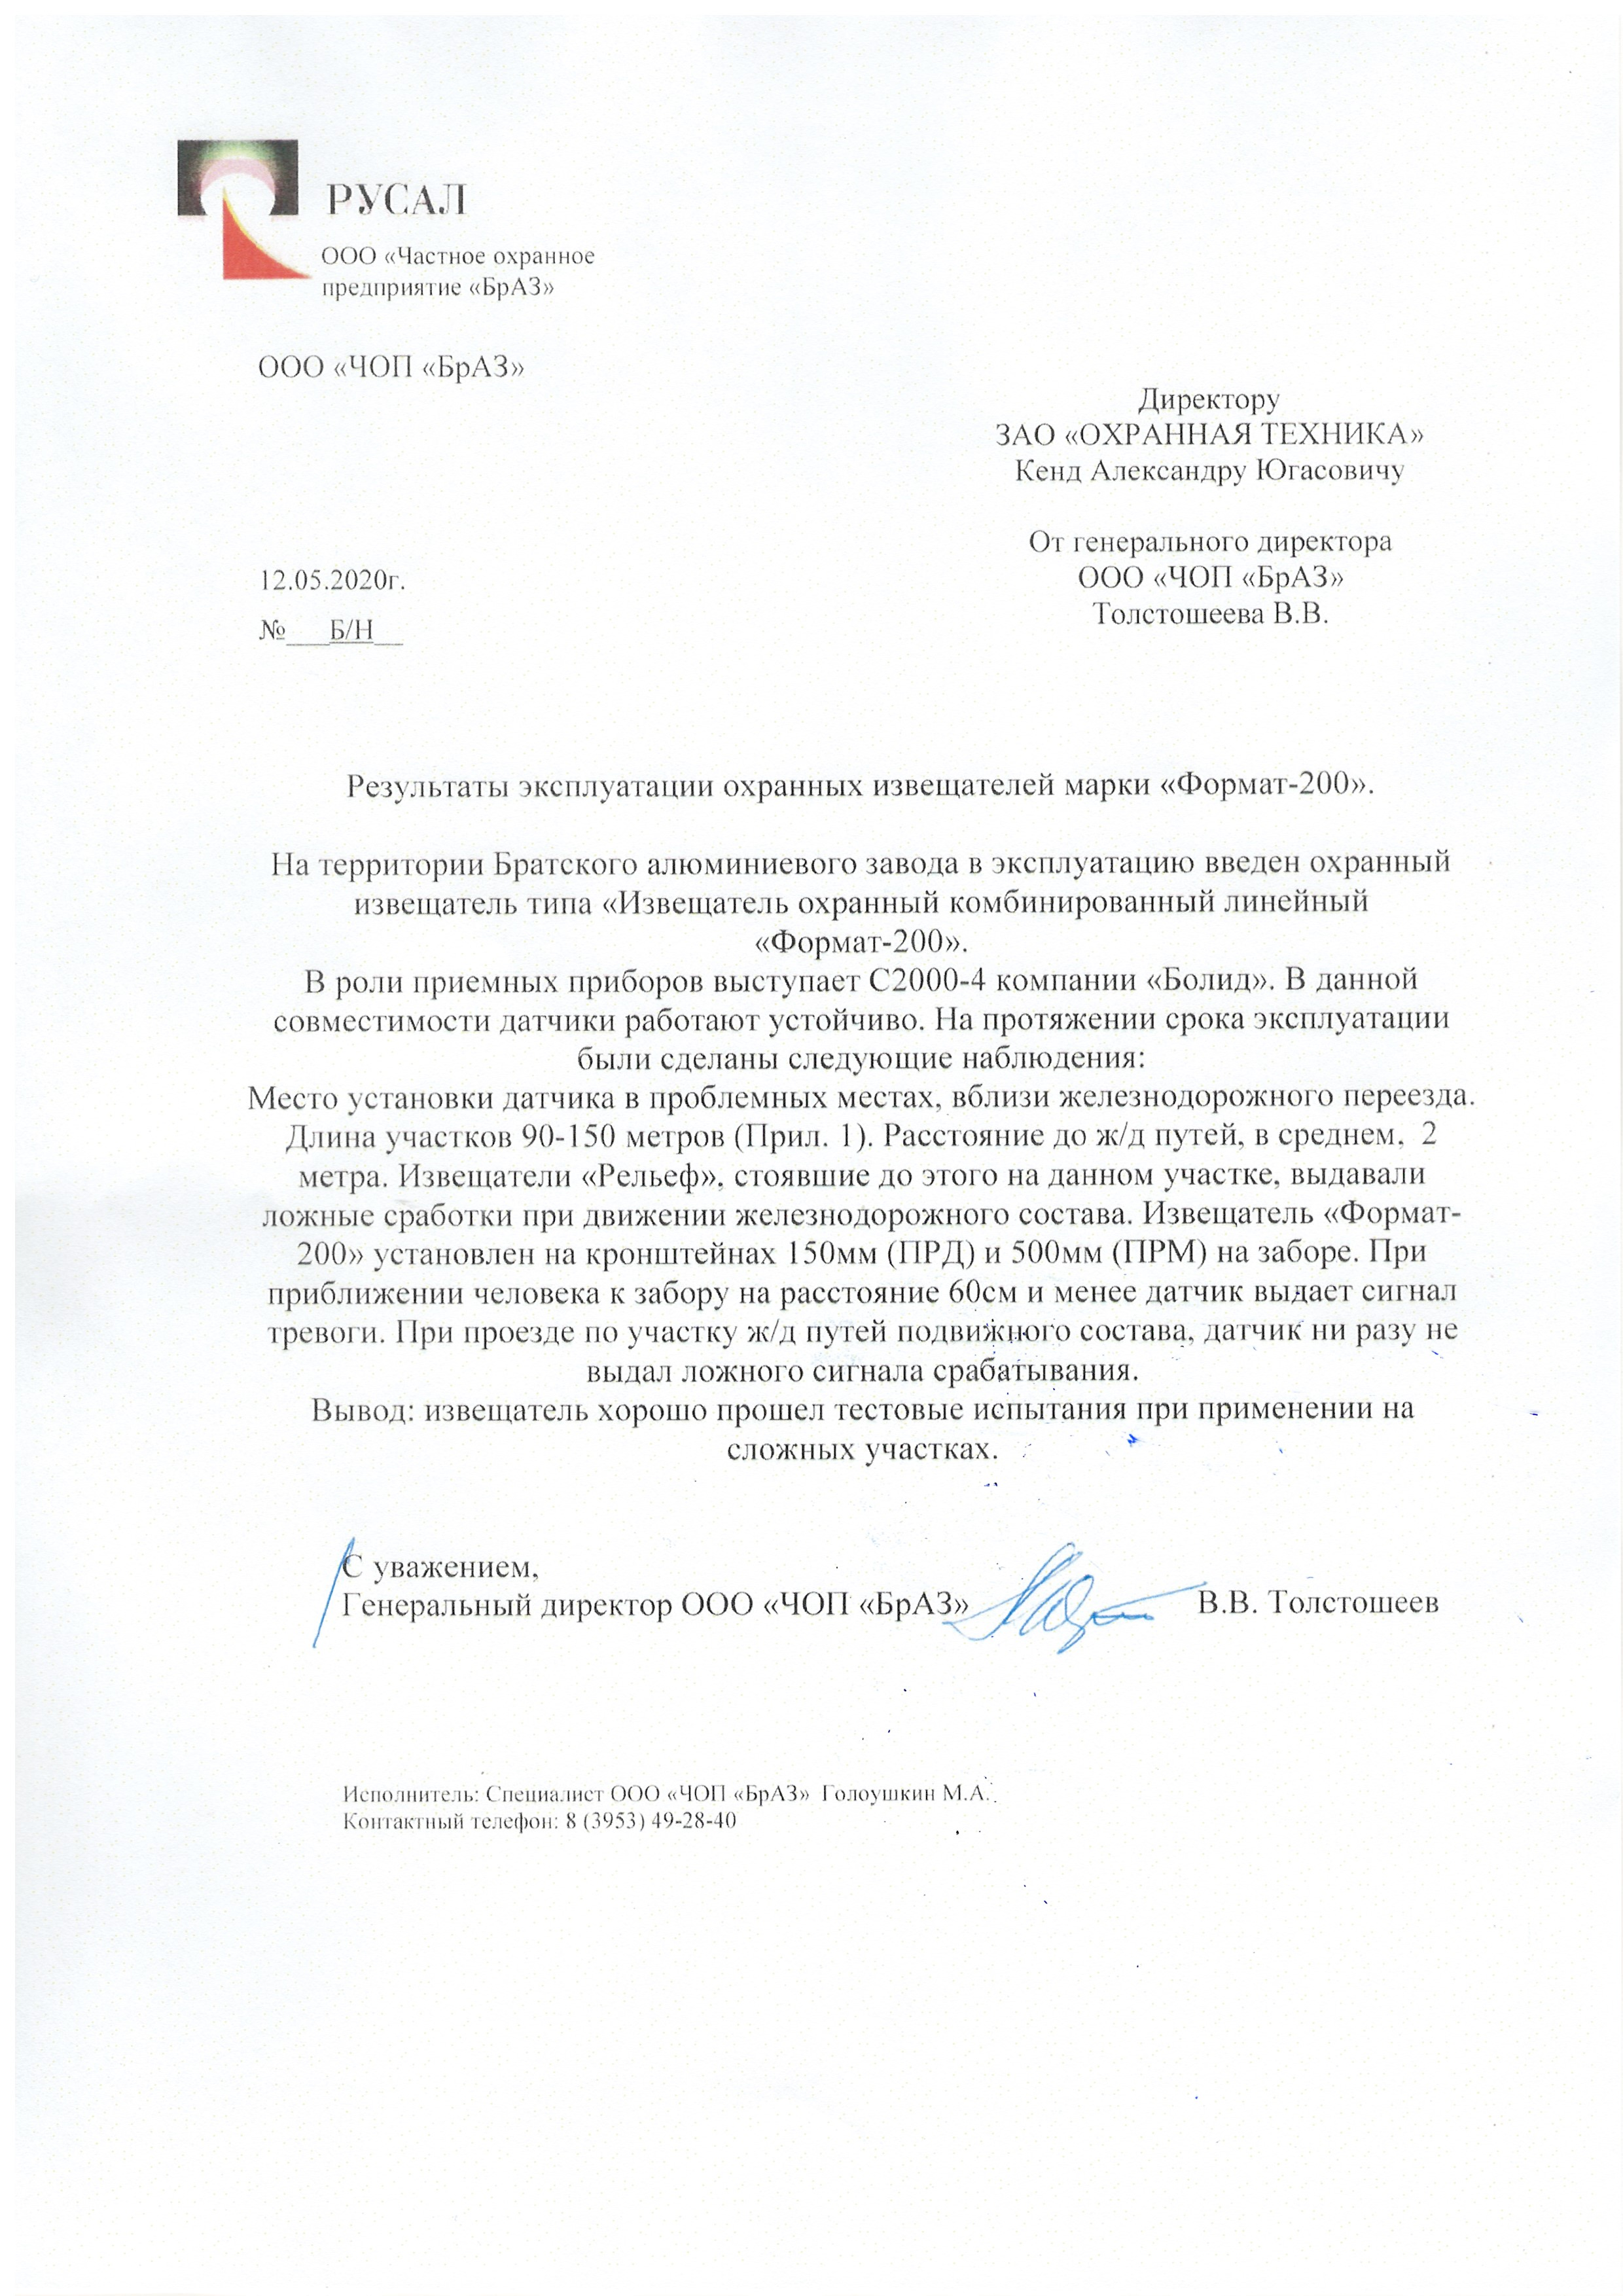 Отзыв о нашем новом извещателе ФОРМАТ-200